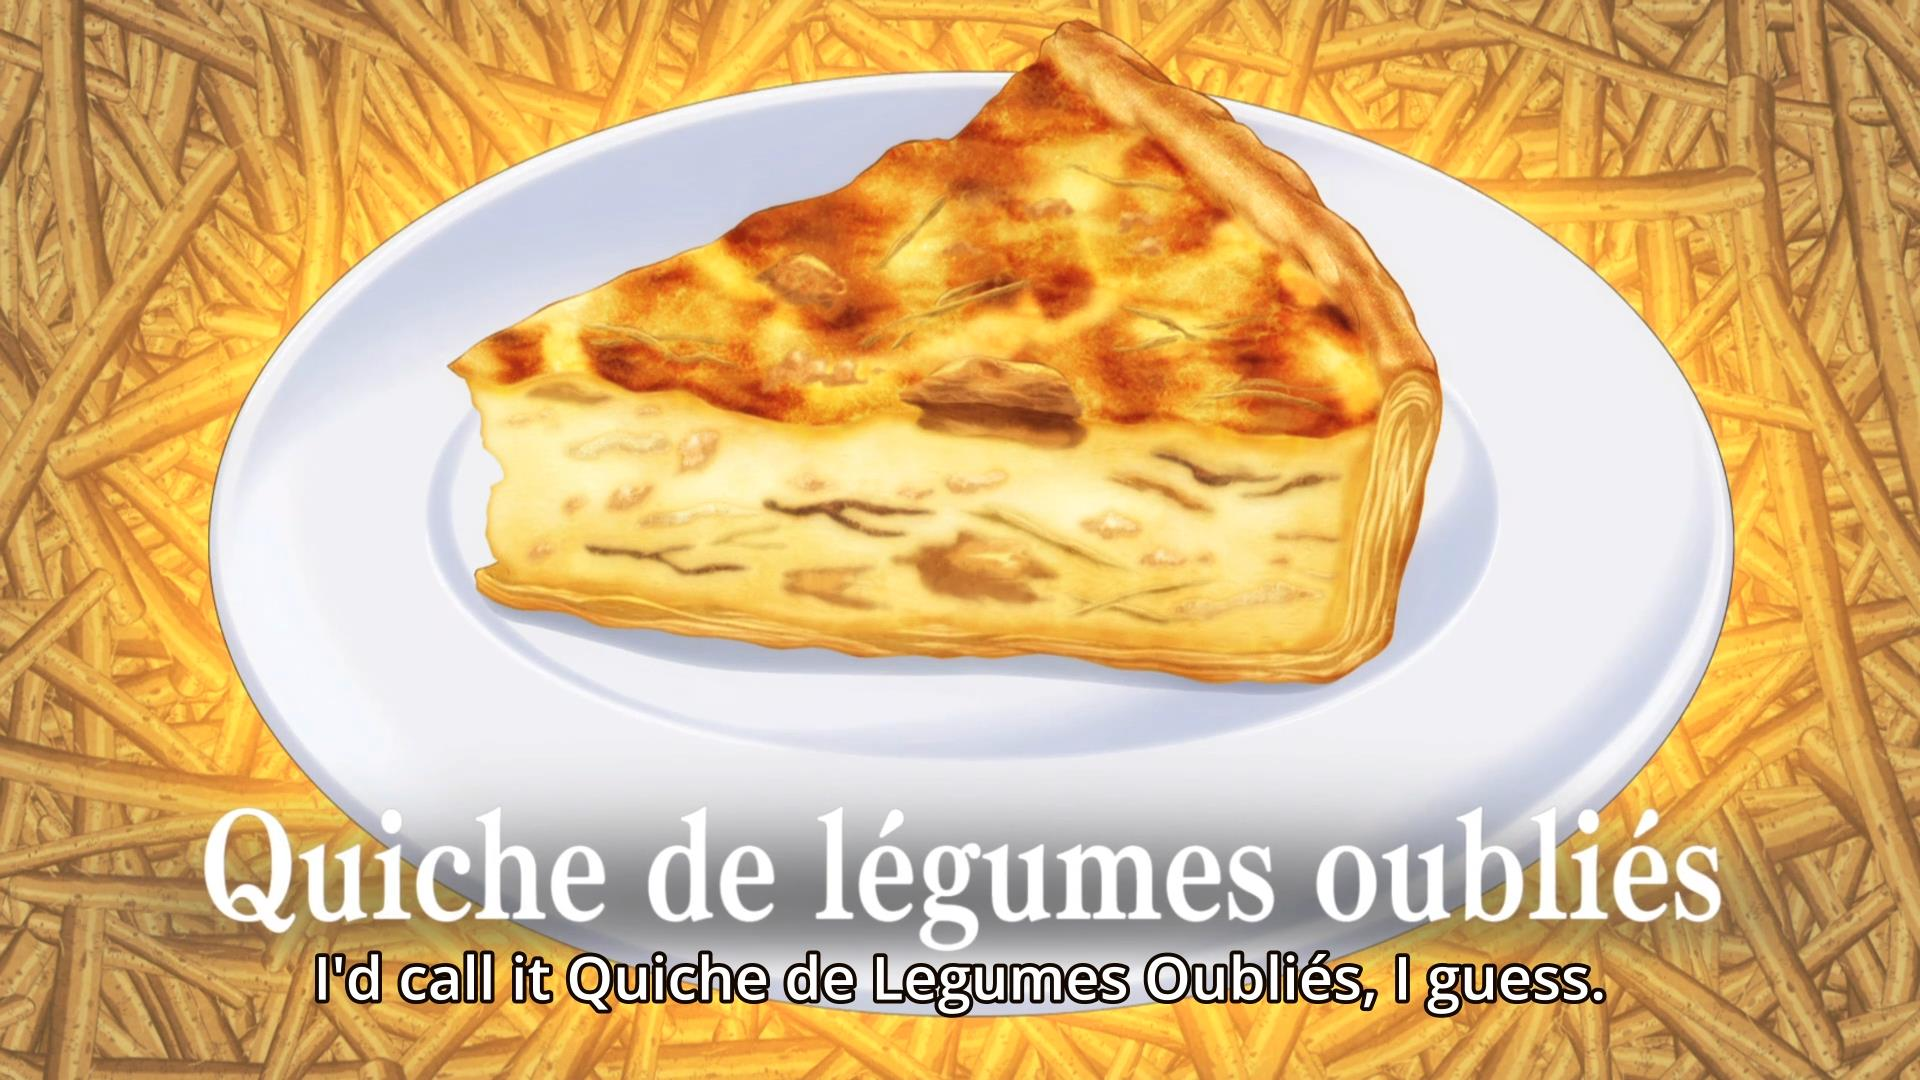 [2.0 ]Synthèse des persos français, belges... dans les comics, les jeux vidéo, les mangas et les DAN!  - Page 6 293400HorribleSubsShokugekinoSomaS2131080pmkvsnapshot071020160925192035